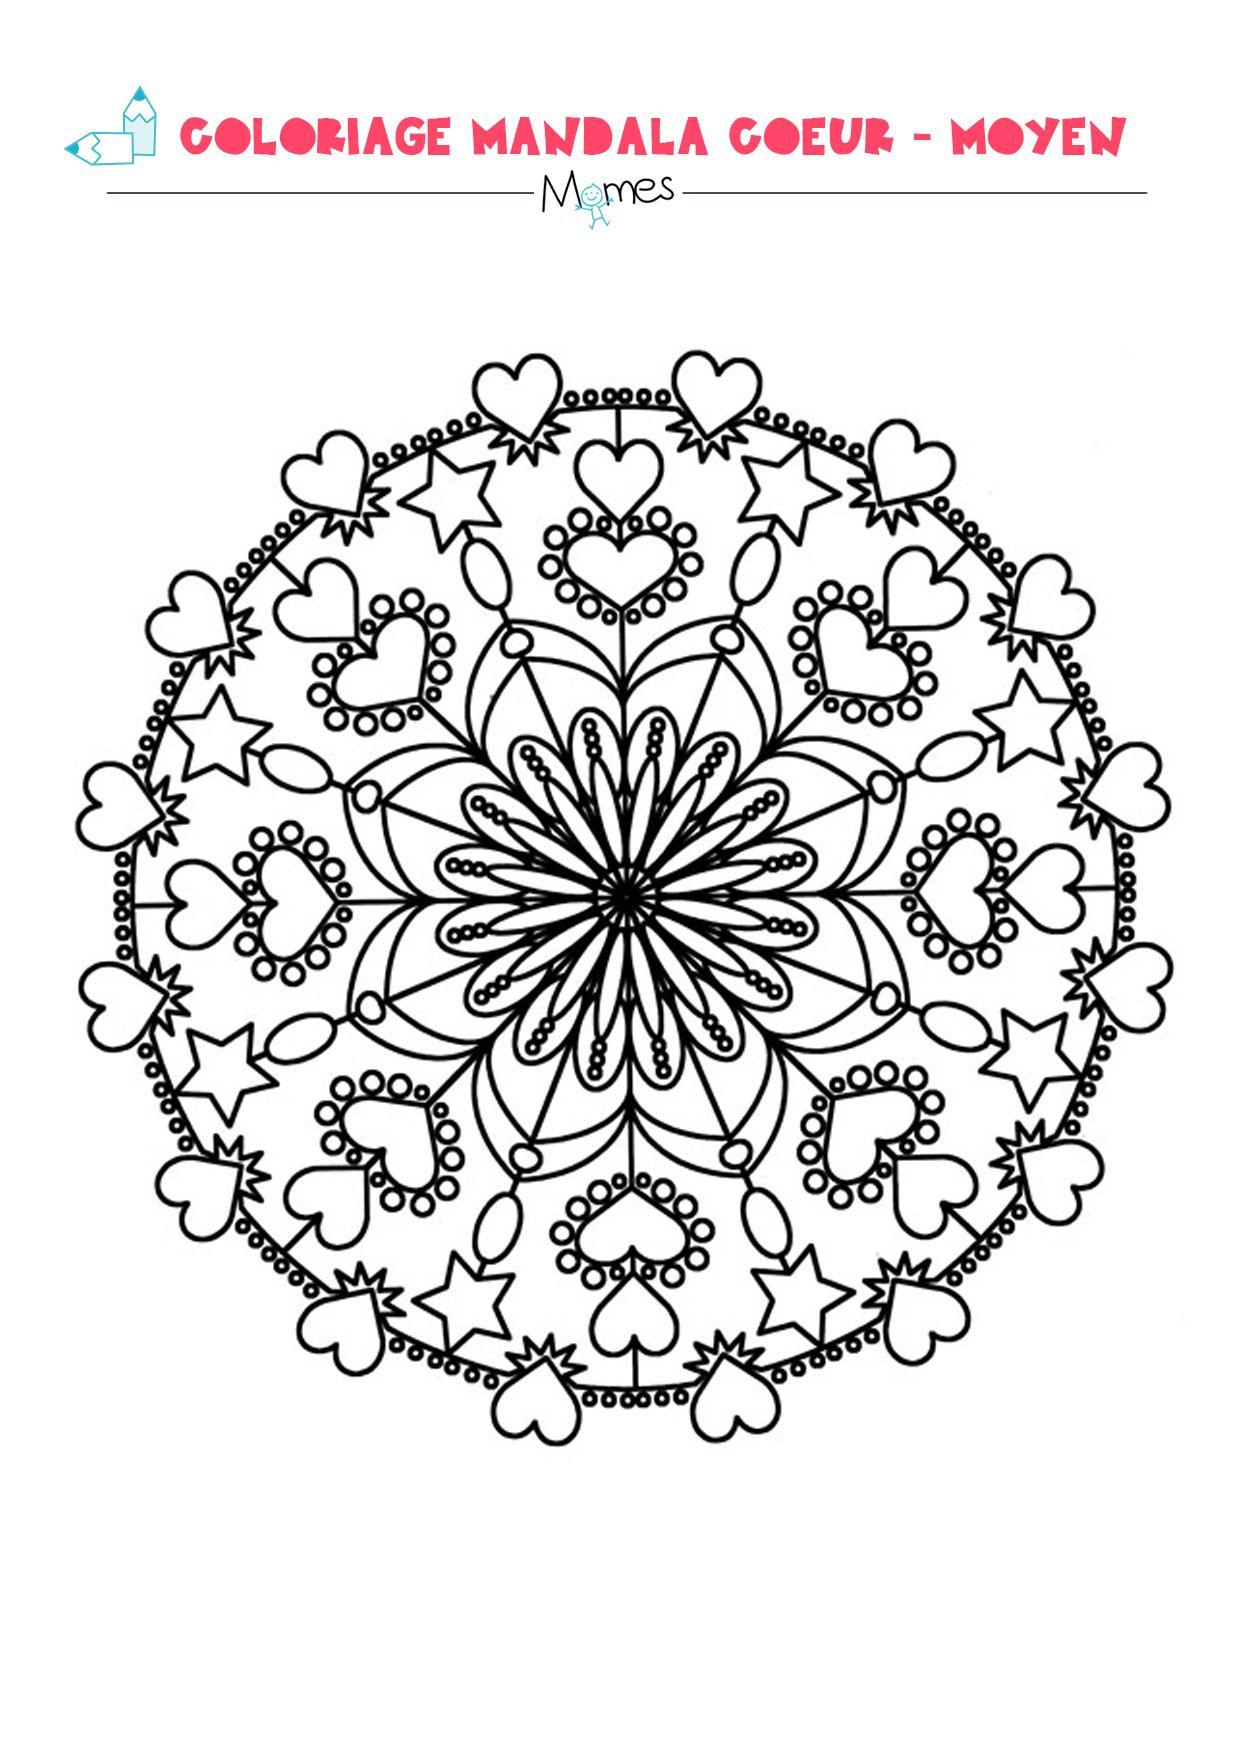 Mandala Coeur À Colorier - Moyen | Mandala Coeur, Coeur À pour Jeux De Coloriage De Rosace